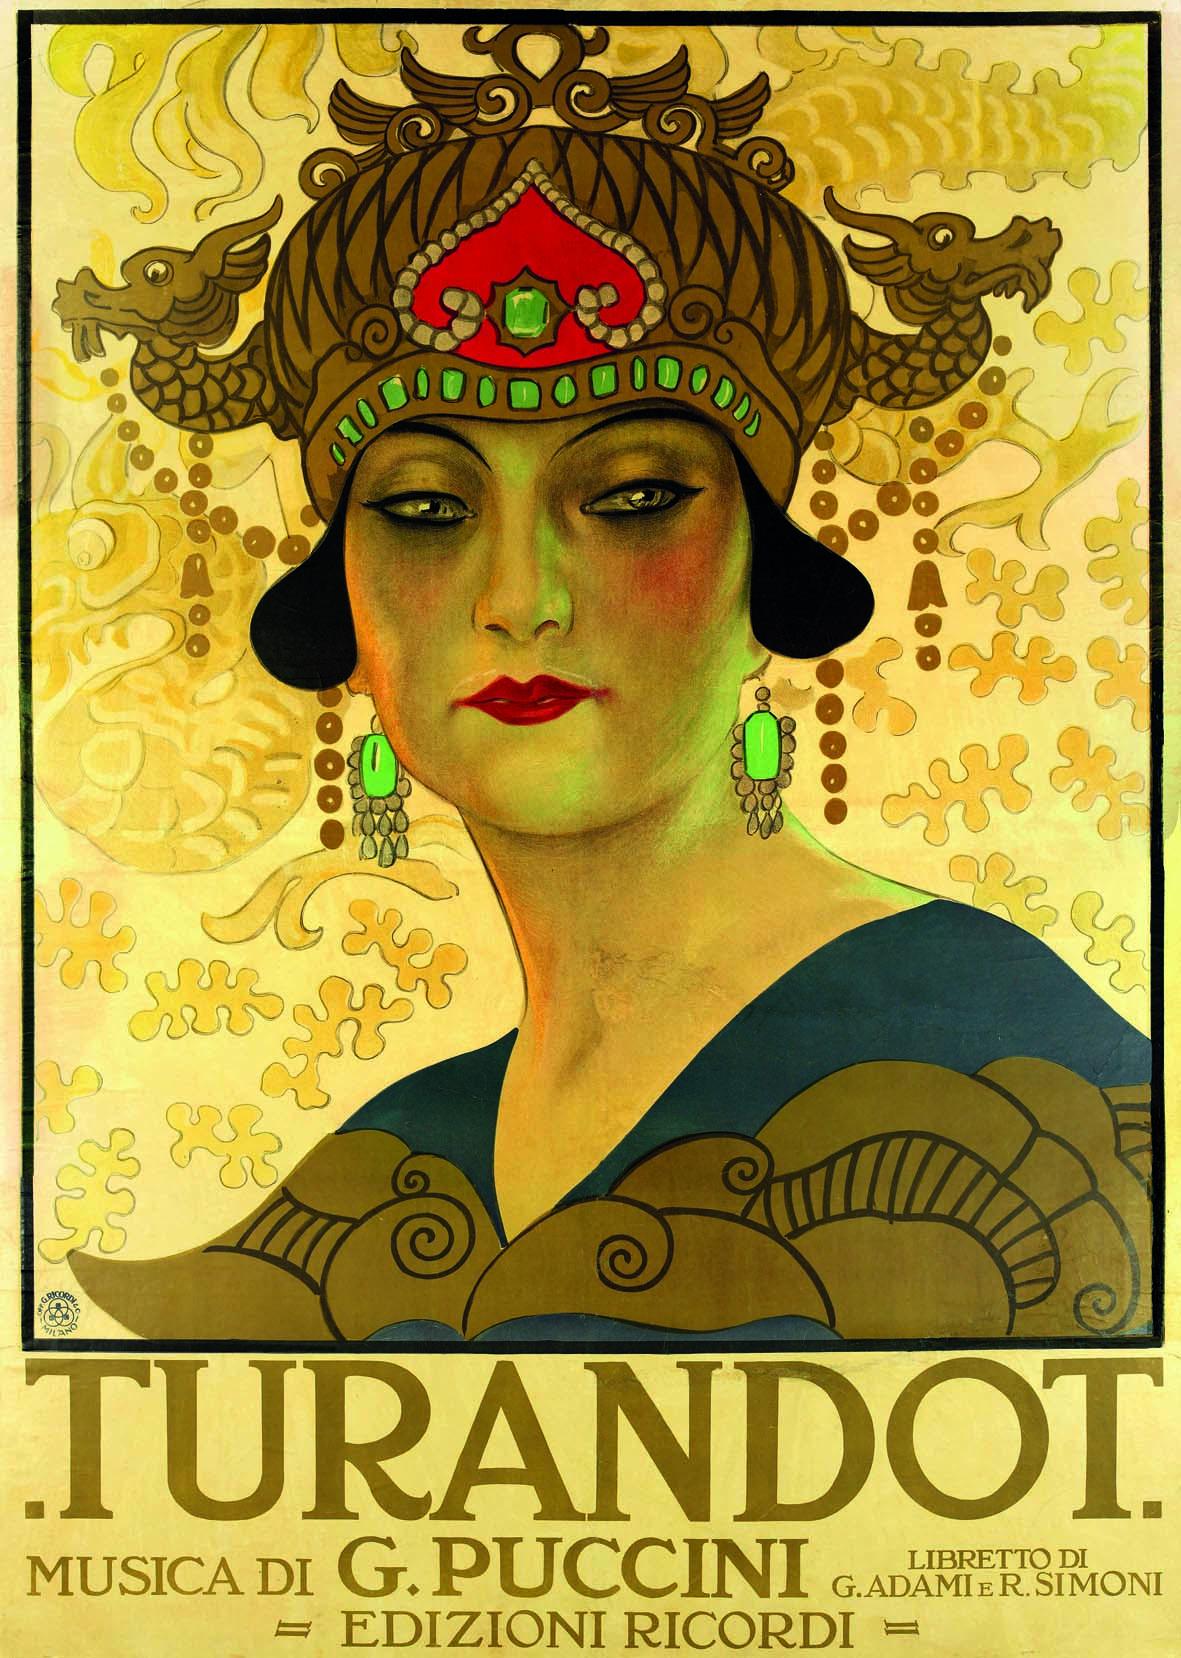 Leopoldo Metlicovitz, Turandot, 1926, litografia a colori. Milano, Archivio Storico Ricordi